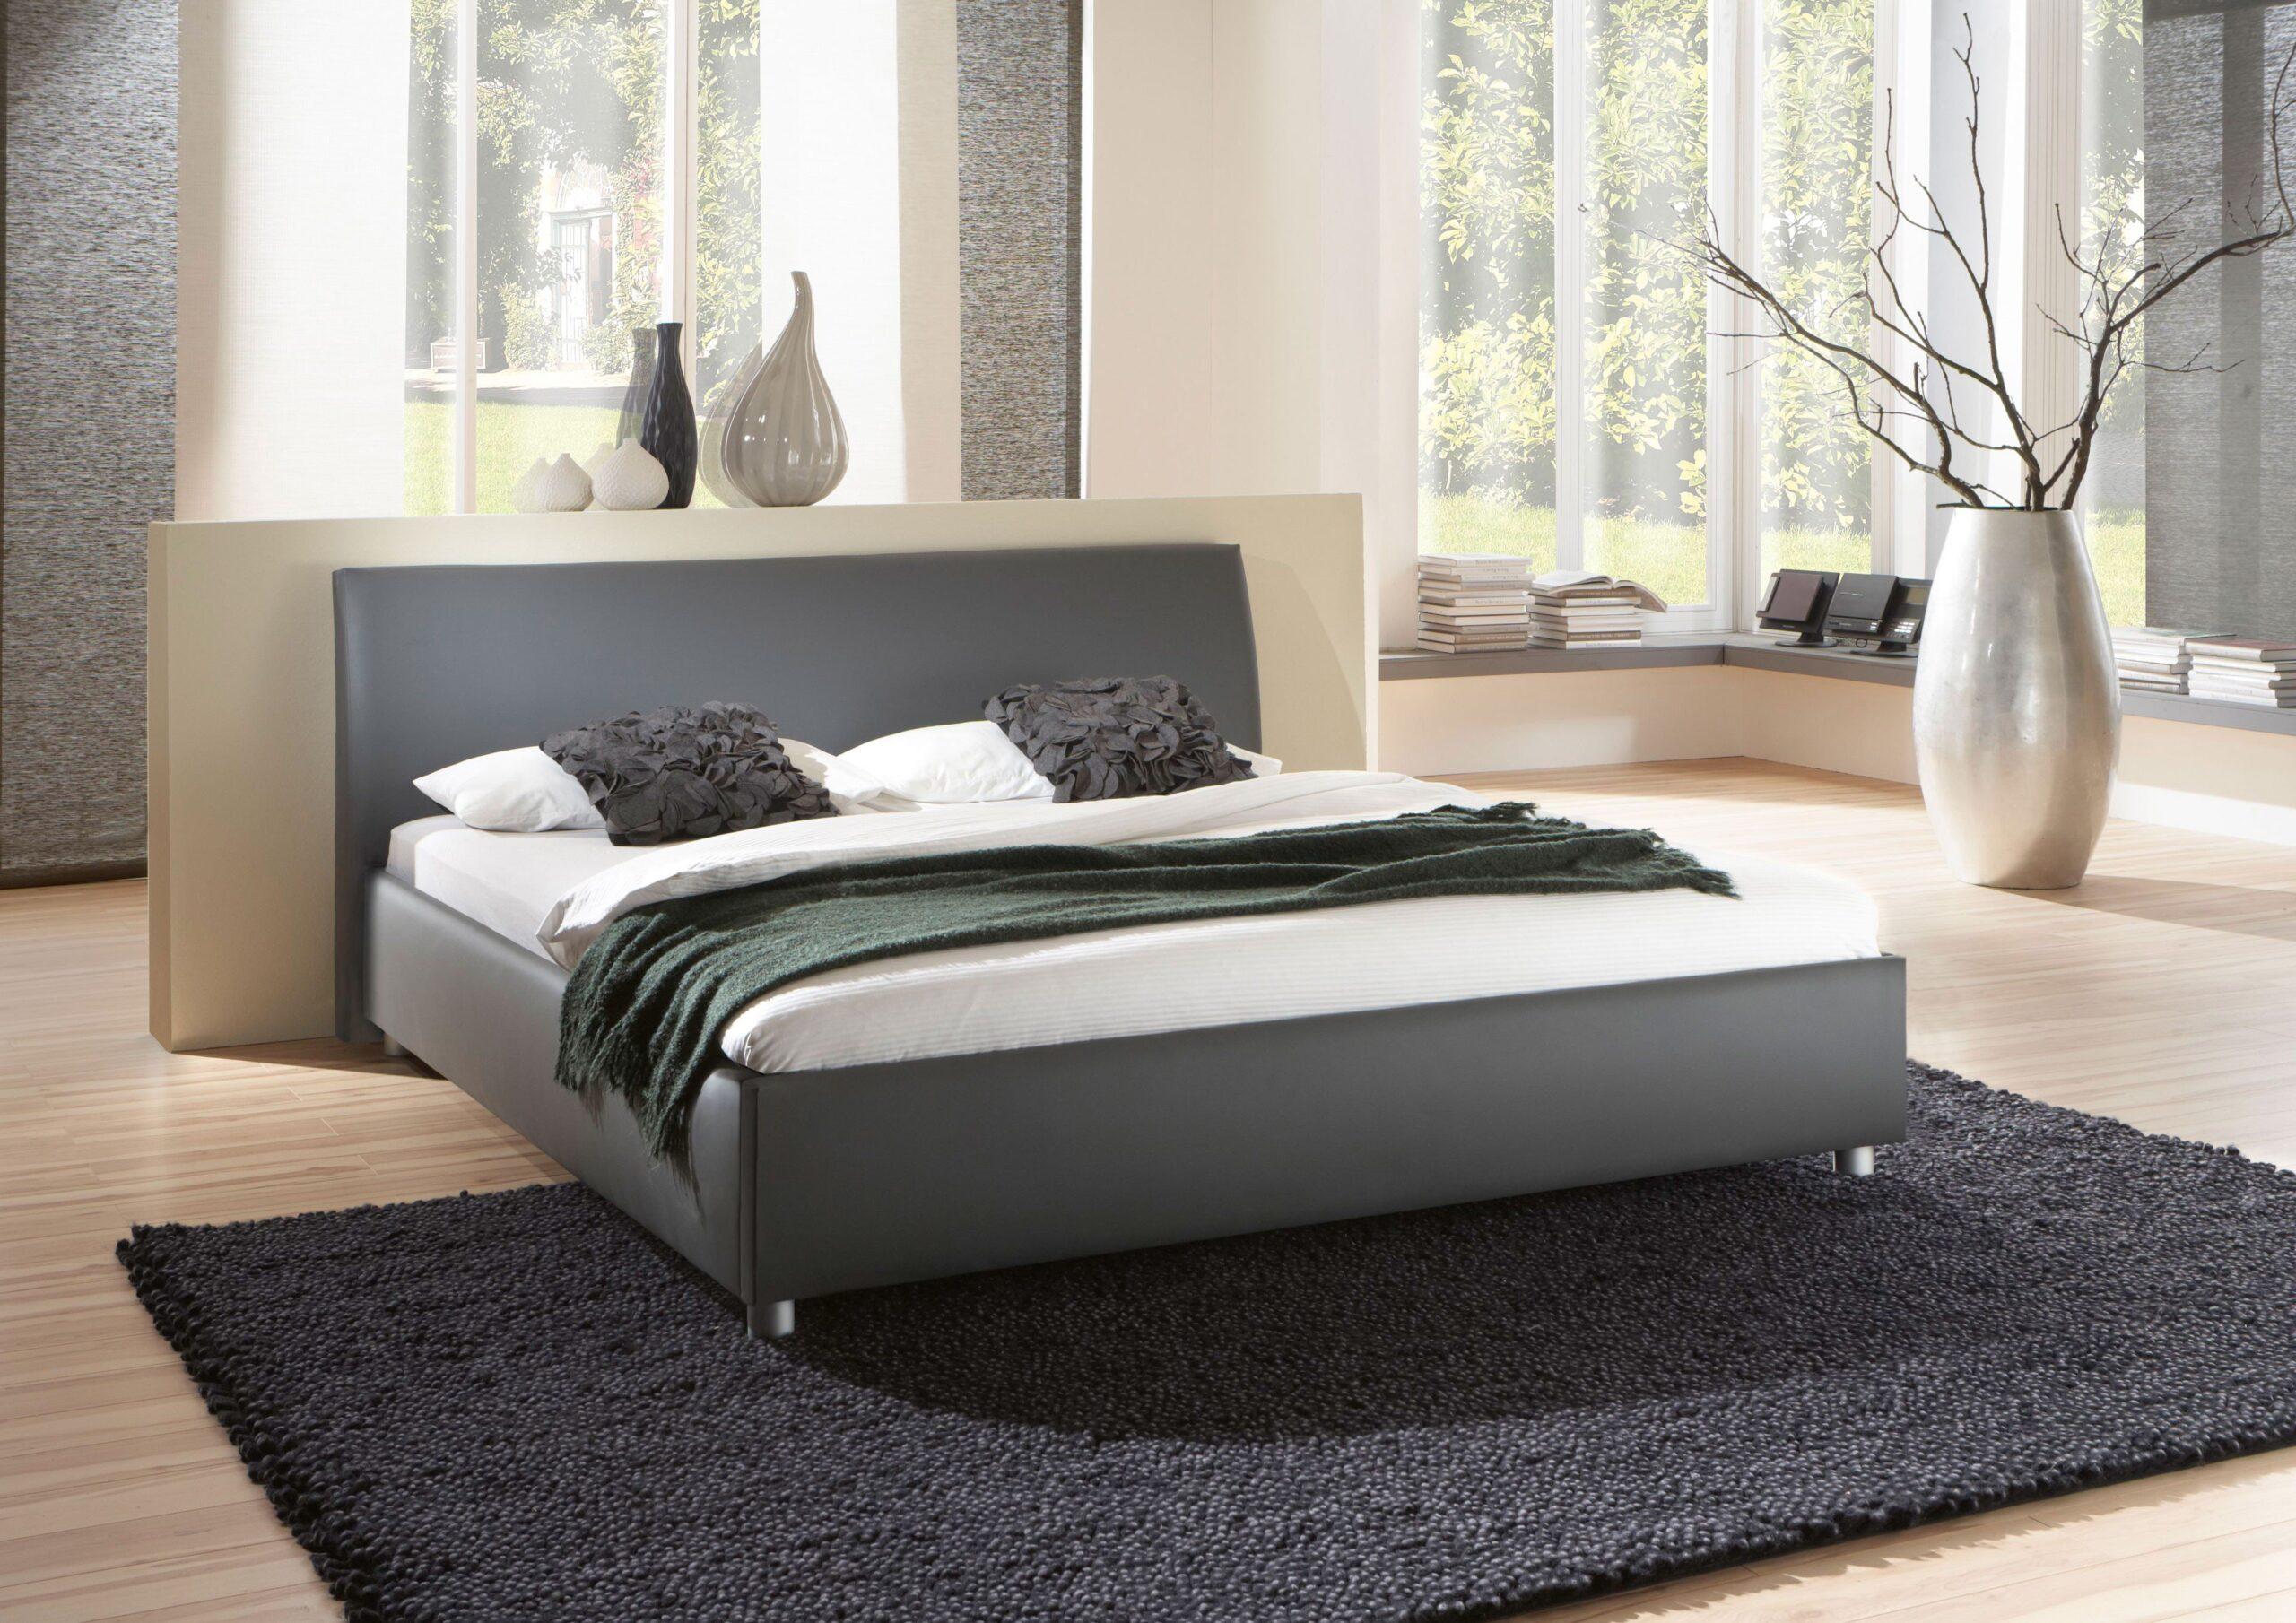 Full Size of Polsterbett 200x220 Betten Bett Wohnzimmer Polsterbett 200x220